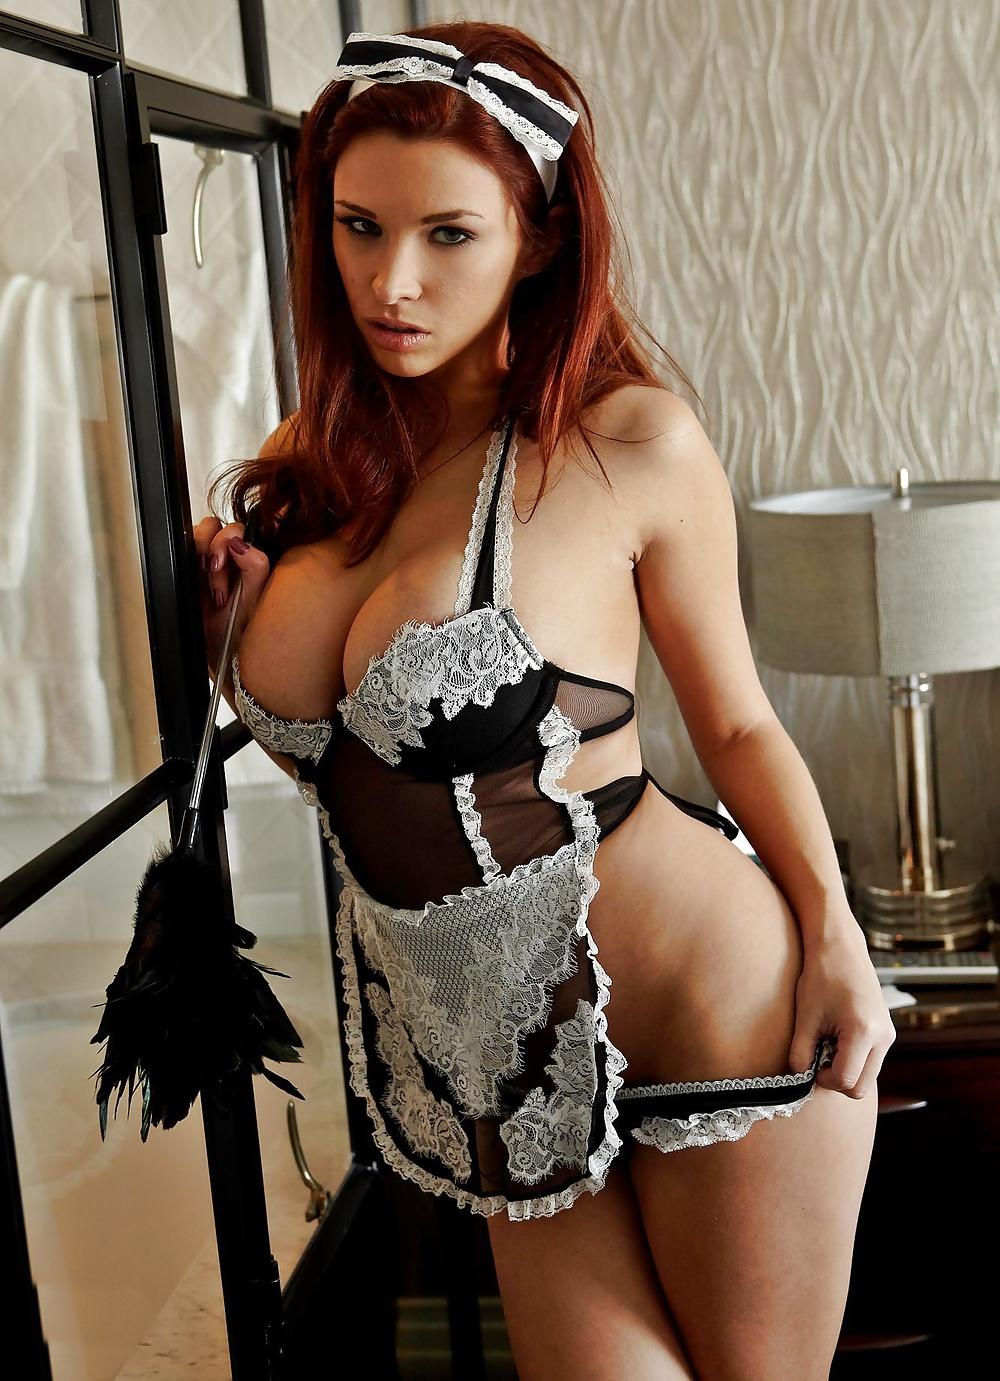 Форум фото эротическое видео домохозяйка в черно красном белье видео